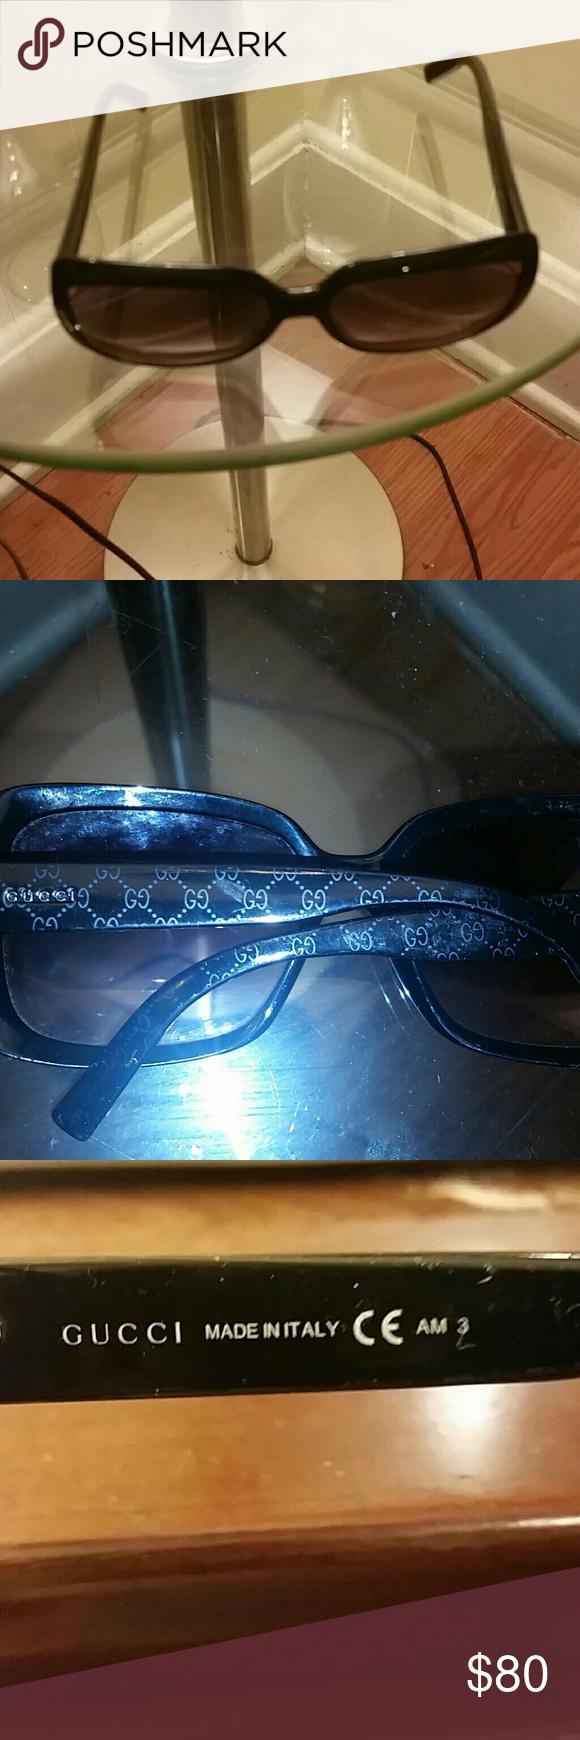 GUCCI sunglasses Black Gucci gg monogram sunglasses. Picture 4 shows the flaws. Gucci Accessories Sunglasses